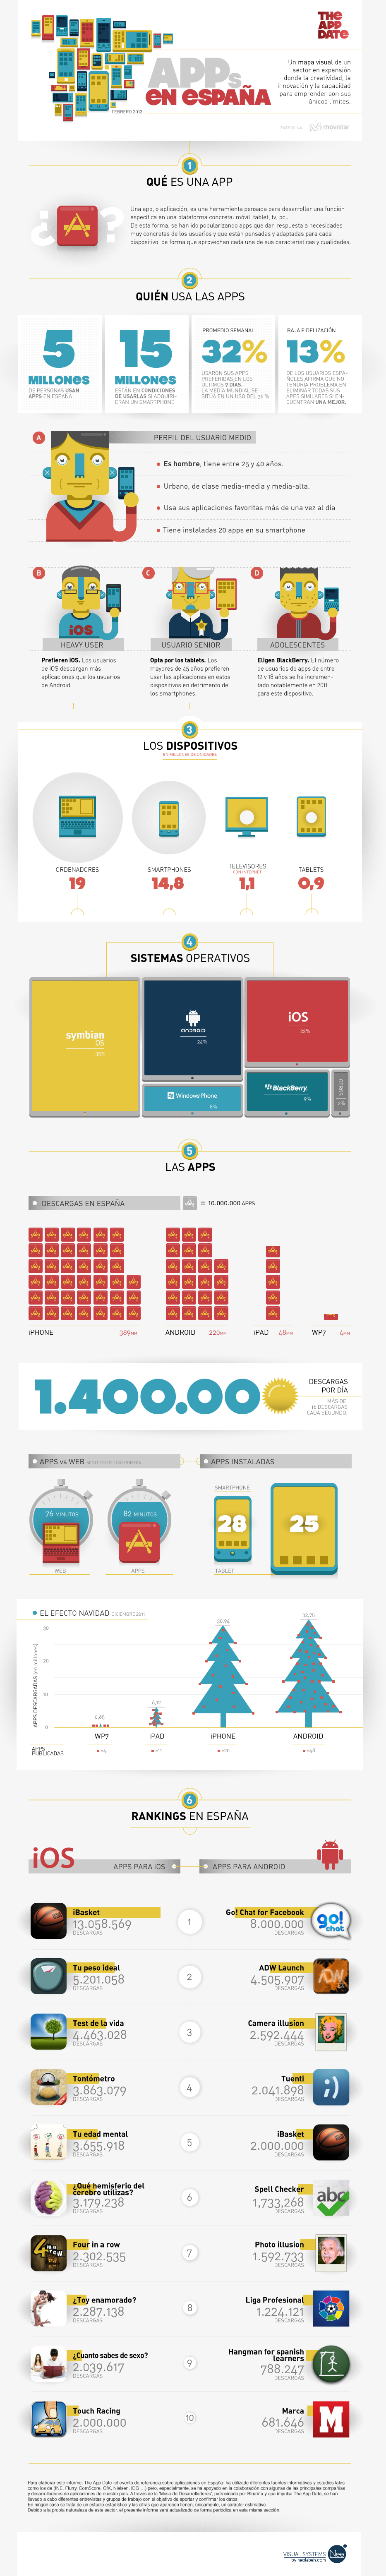 El uso de apps móviles en España